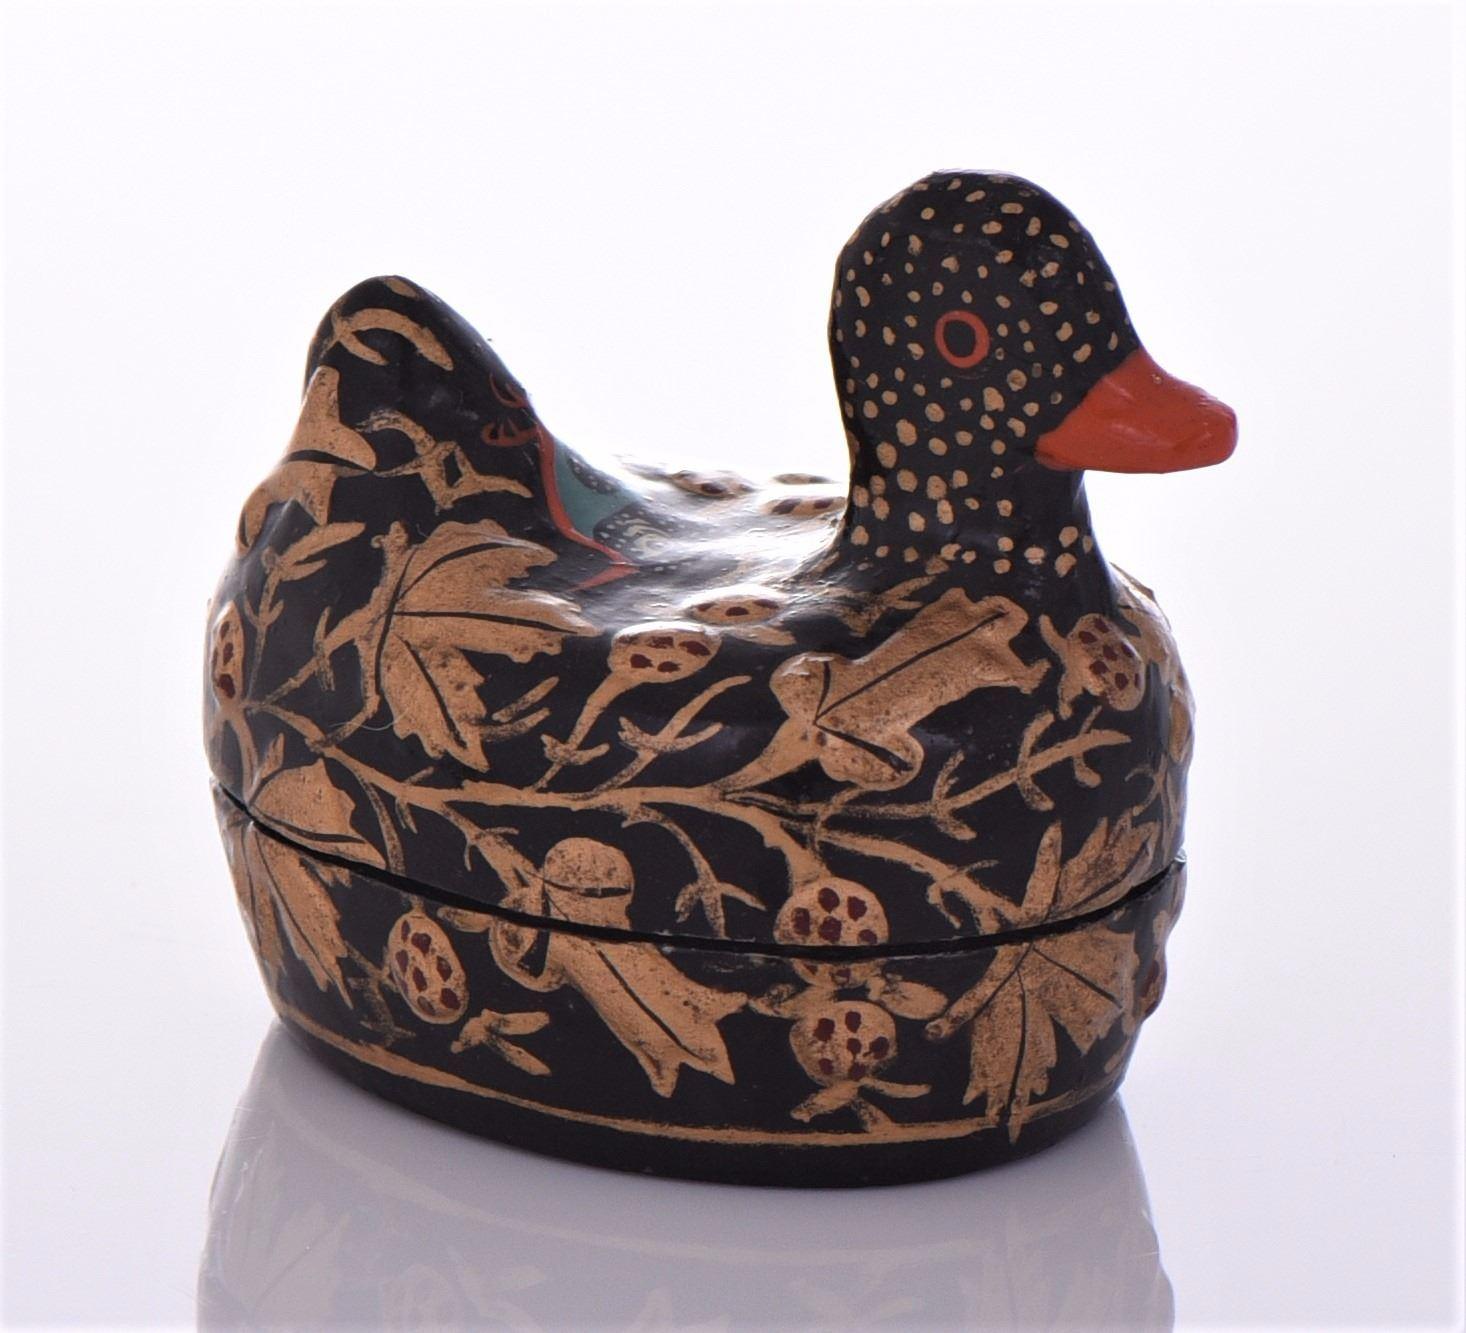 Sergio Bustamante Paper Mache Duck Sculpture | eBay | 1333x1466